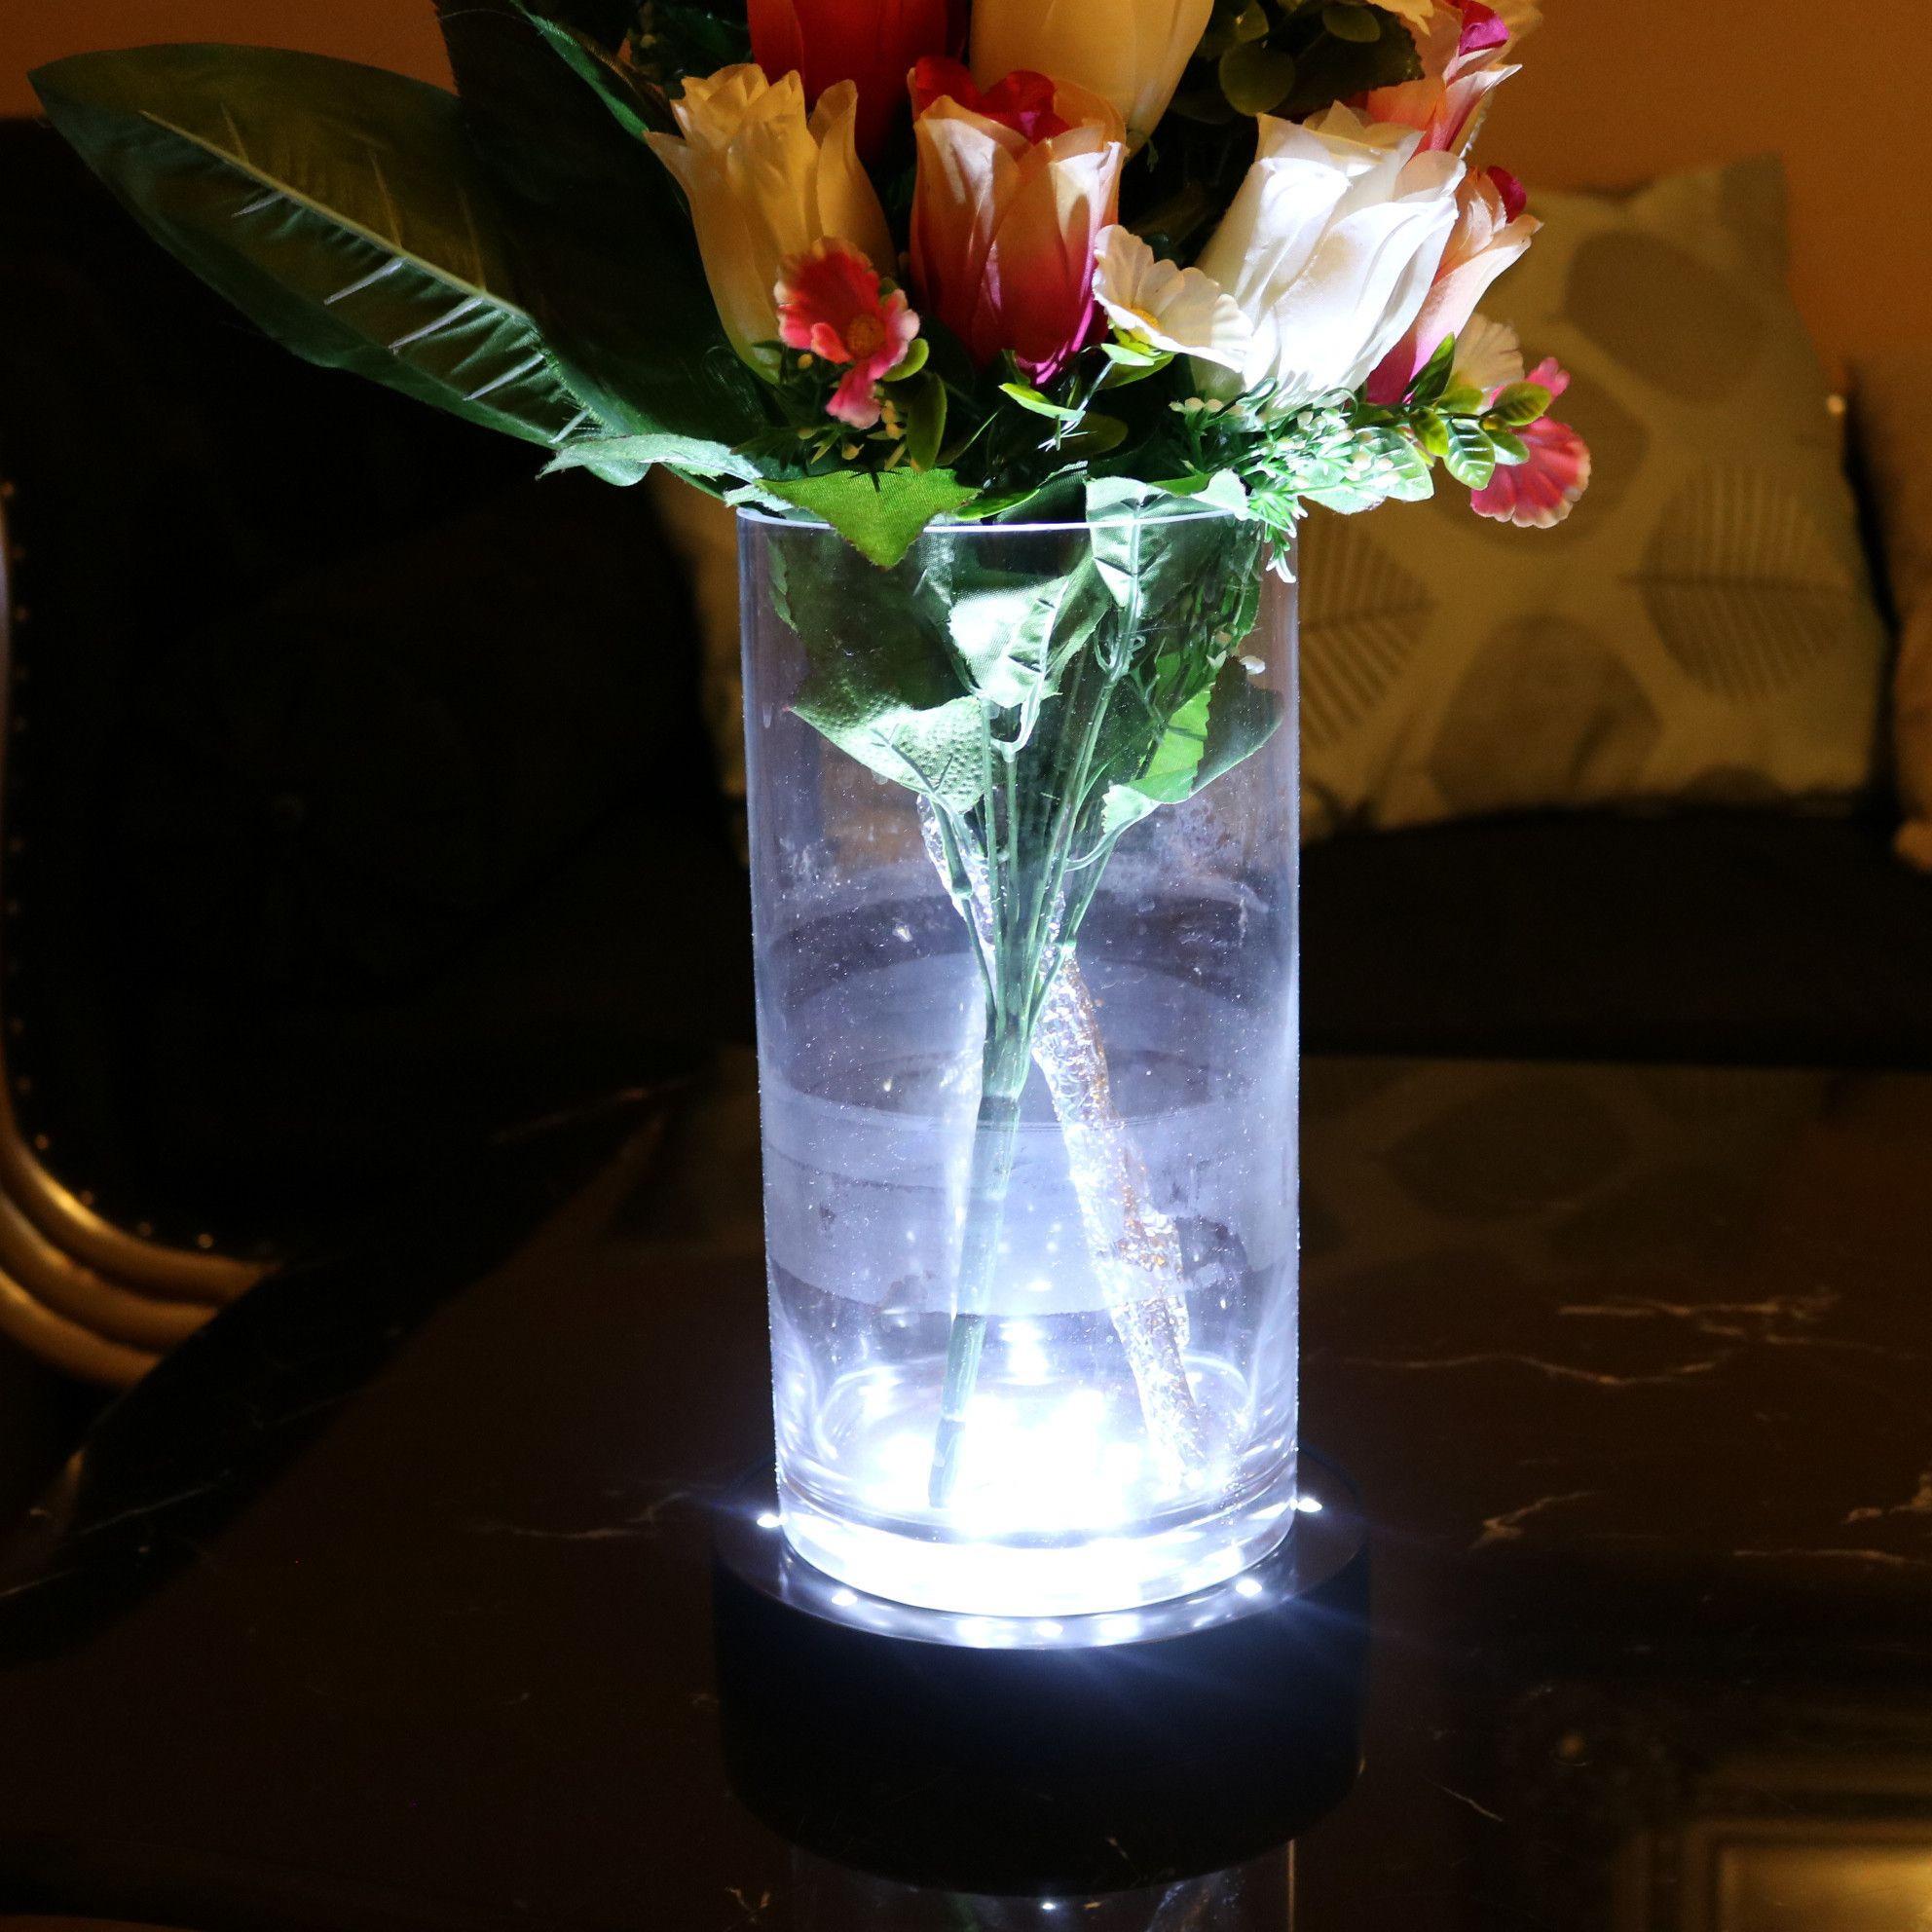 submersible led lights for eiffel tower vases of led vase lights lovely flower table lamp new led cylinder vase 13 4h with led vase lights lovely flower table lamp new led cylinder vase 13 4h vases lighted 3